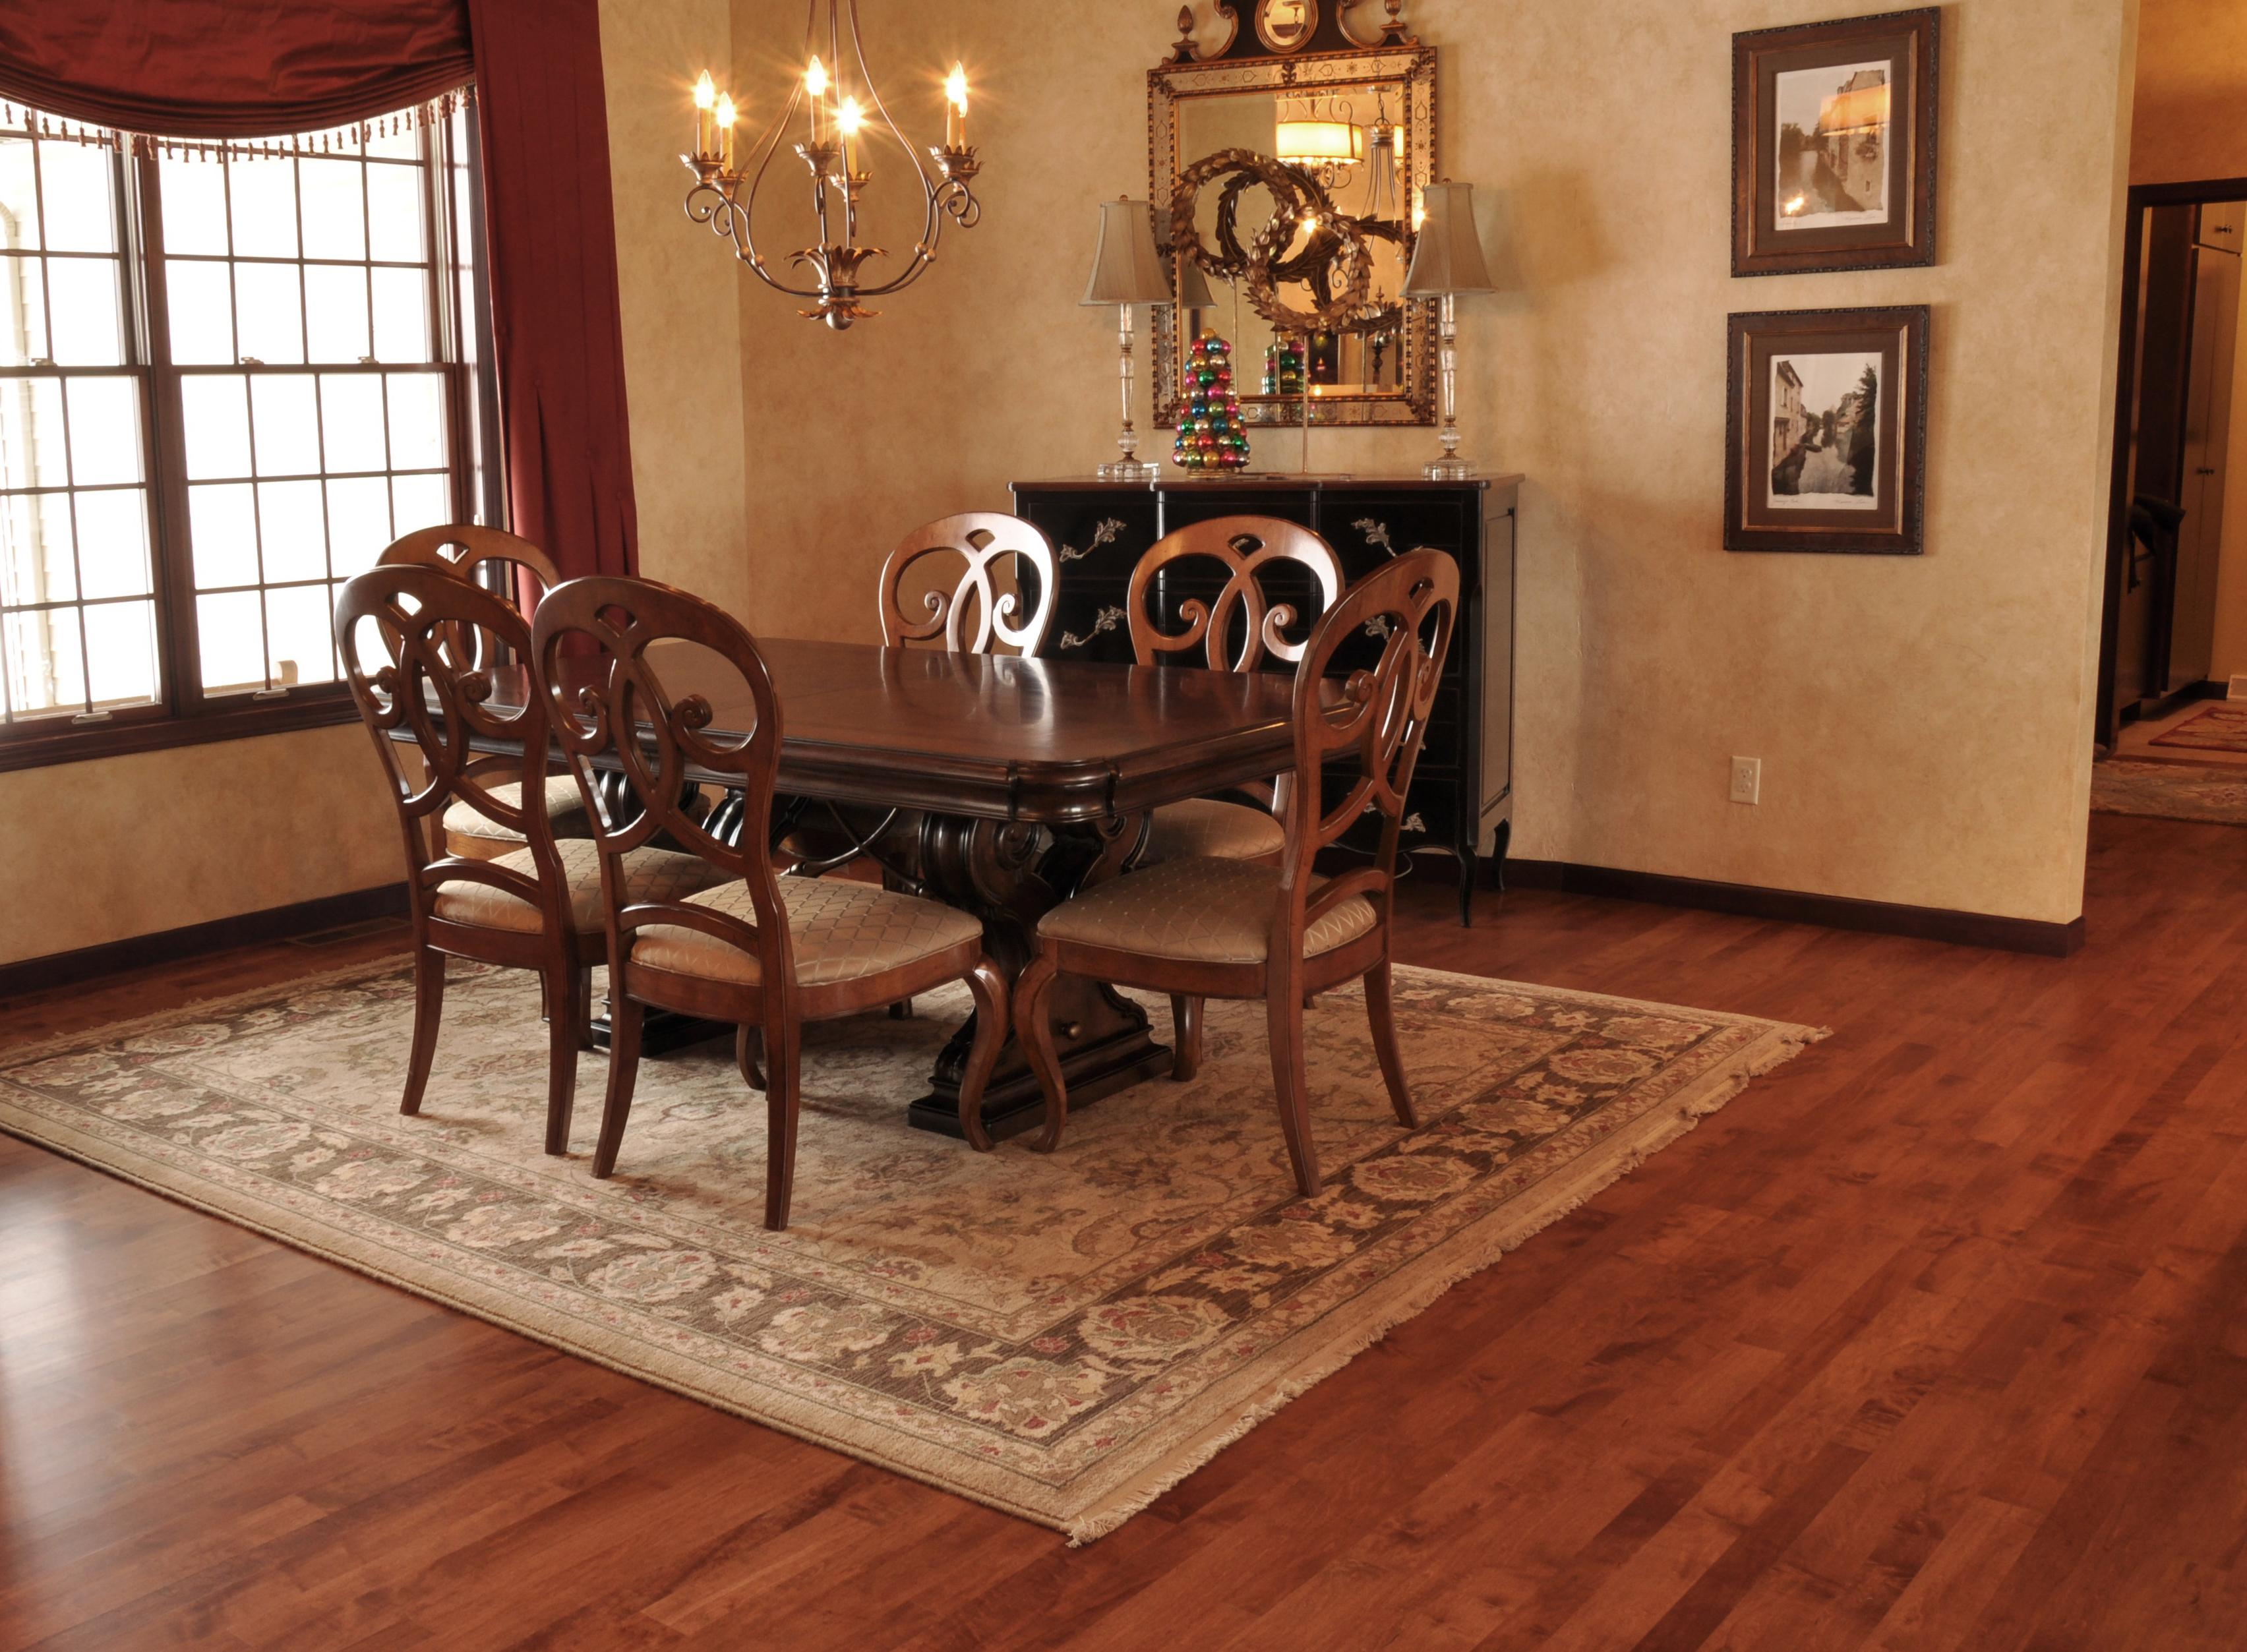 5 Tips For Using Rugs On Hardwood Floors